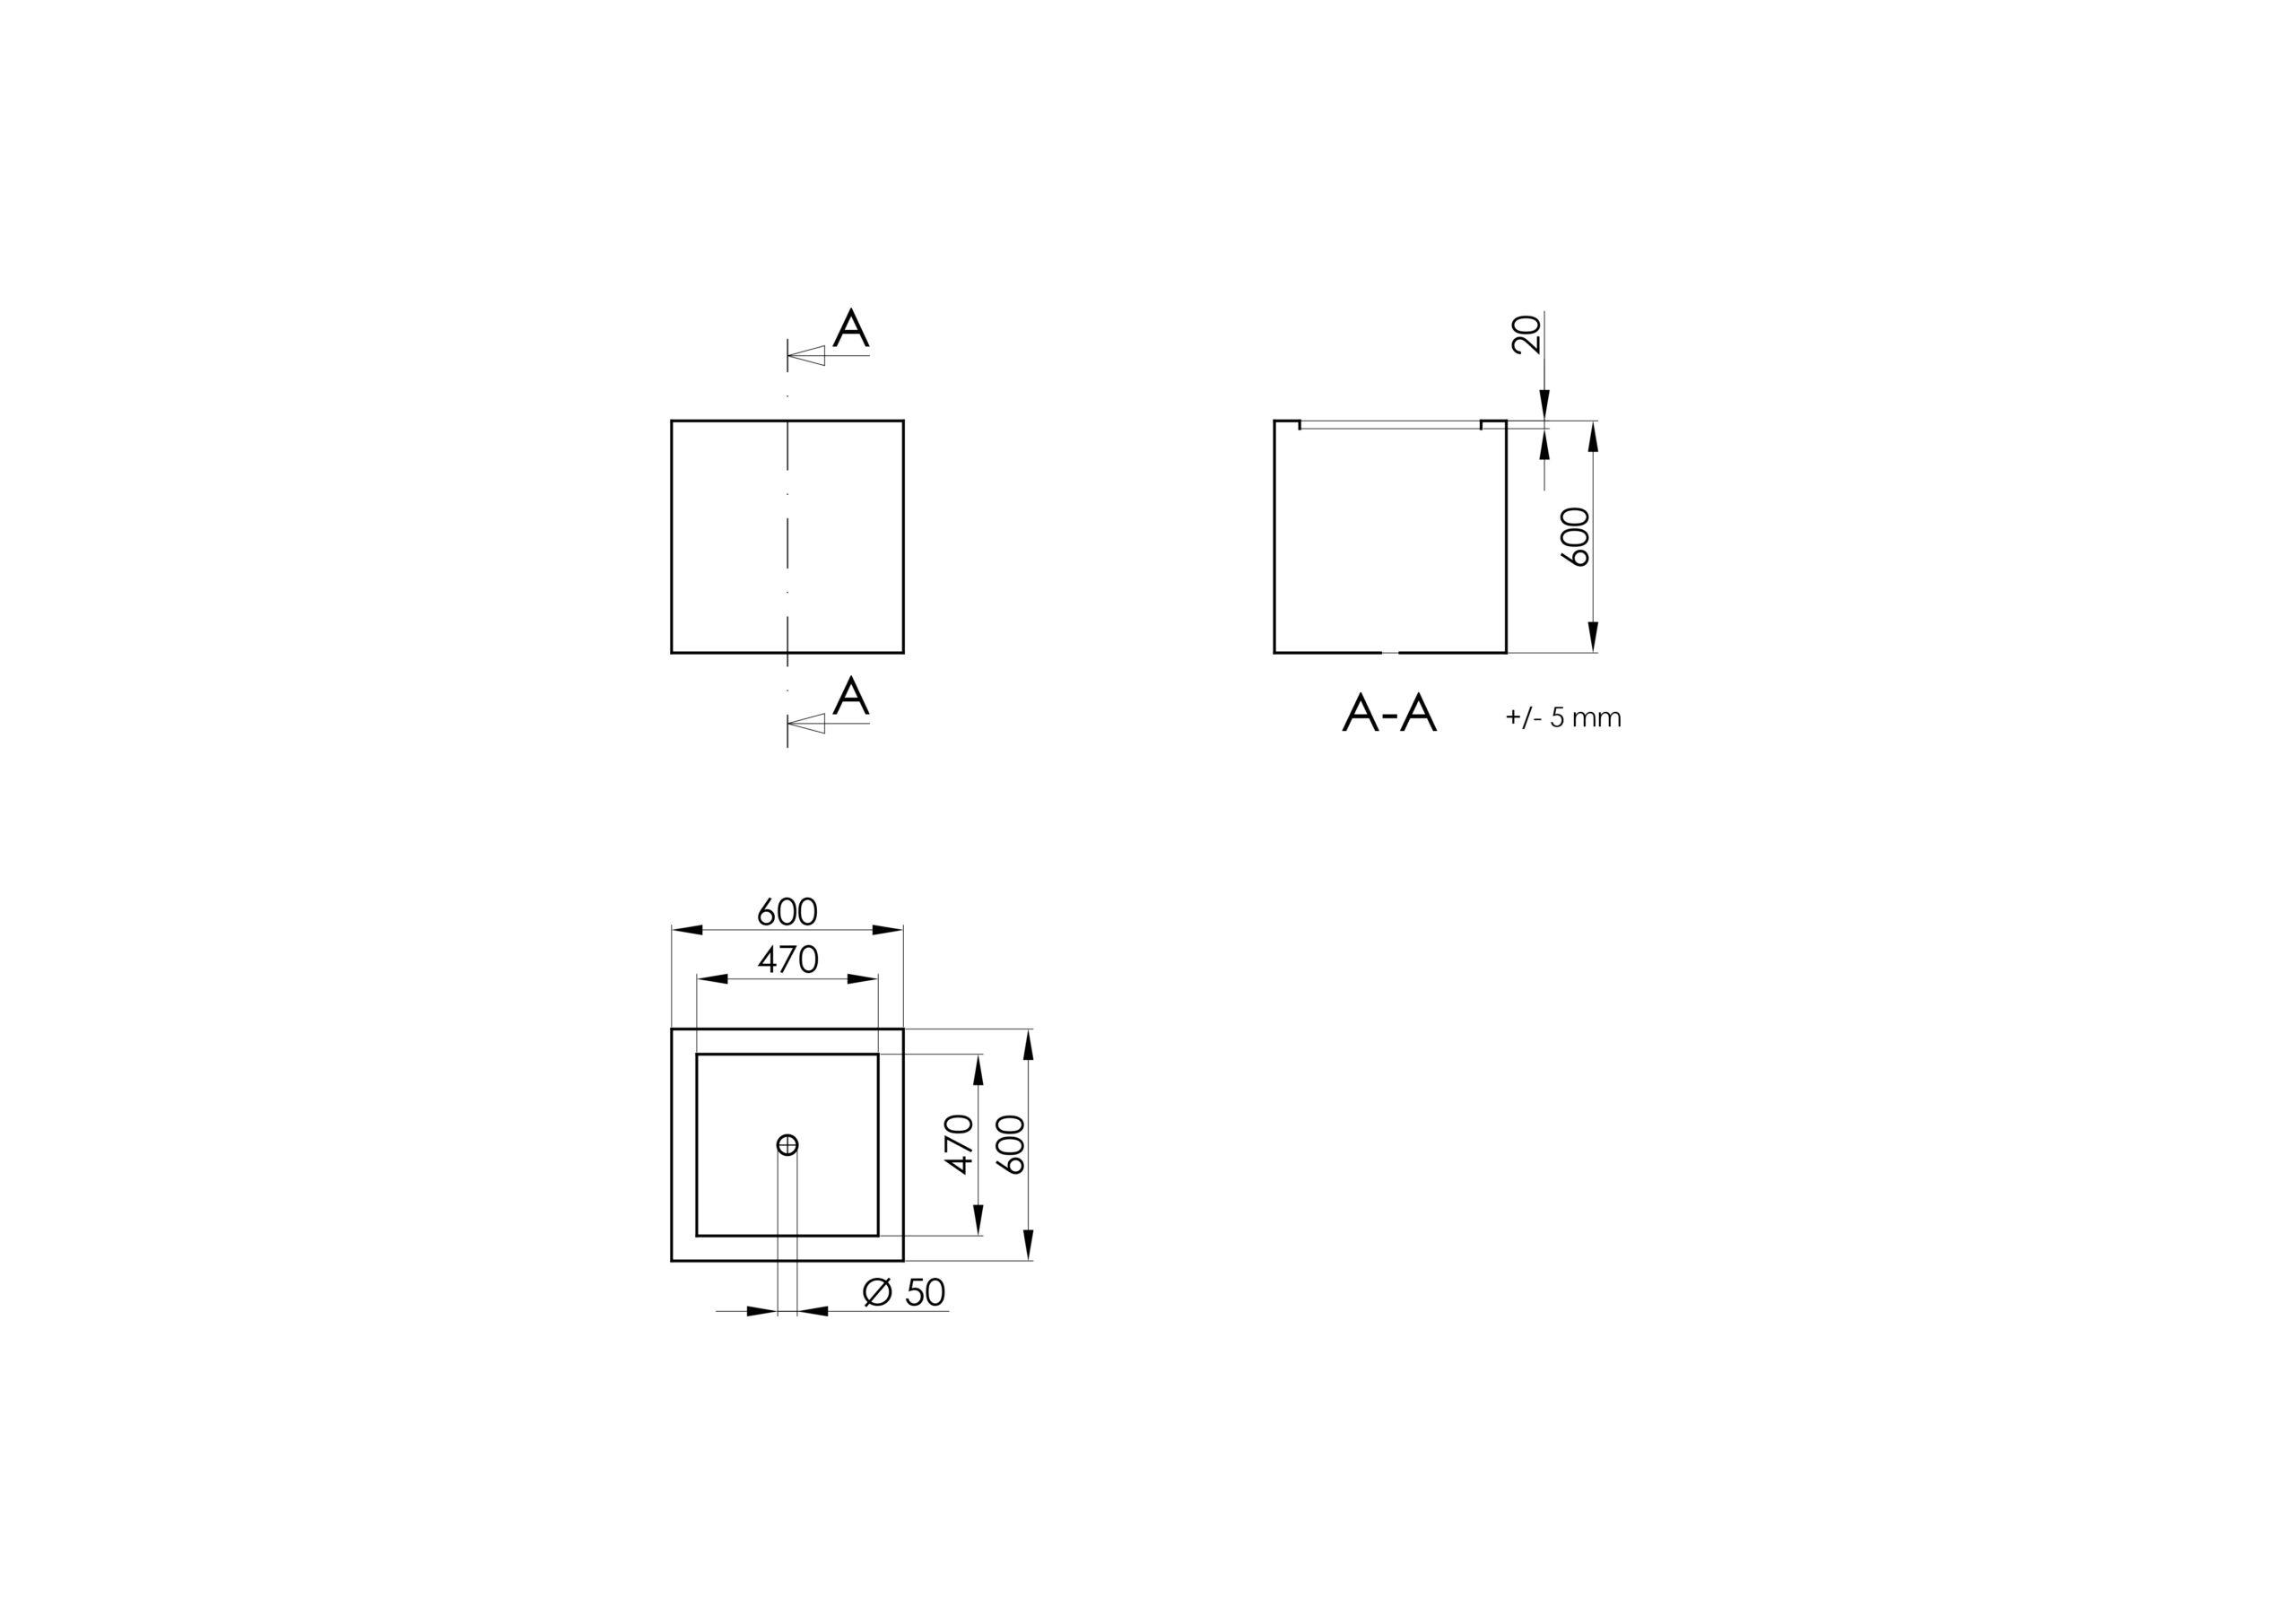 Antonio 3 - Technisches Zeichnen